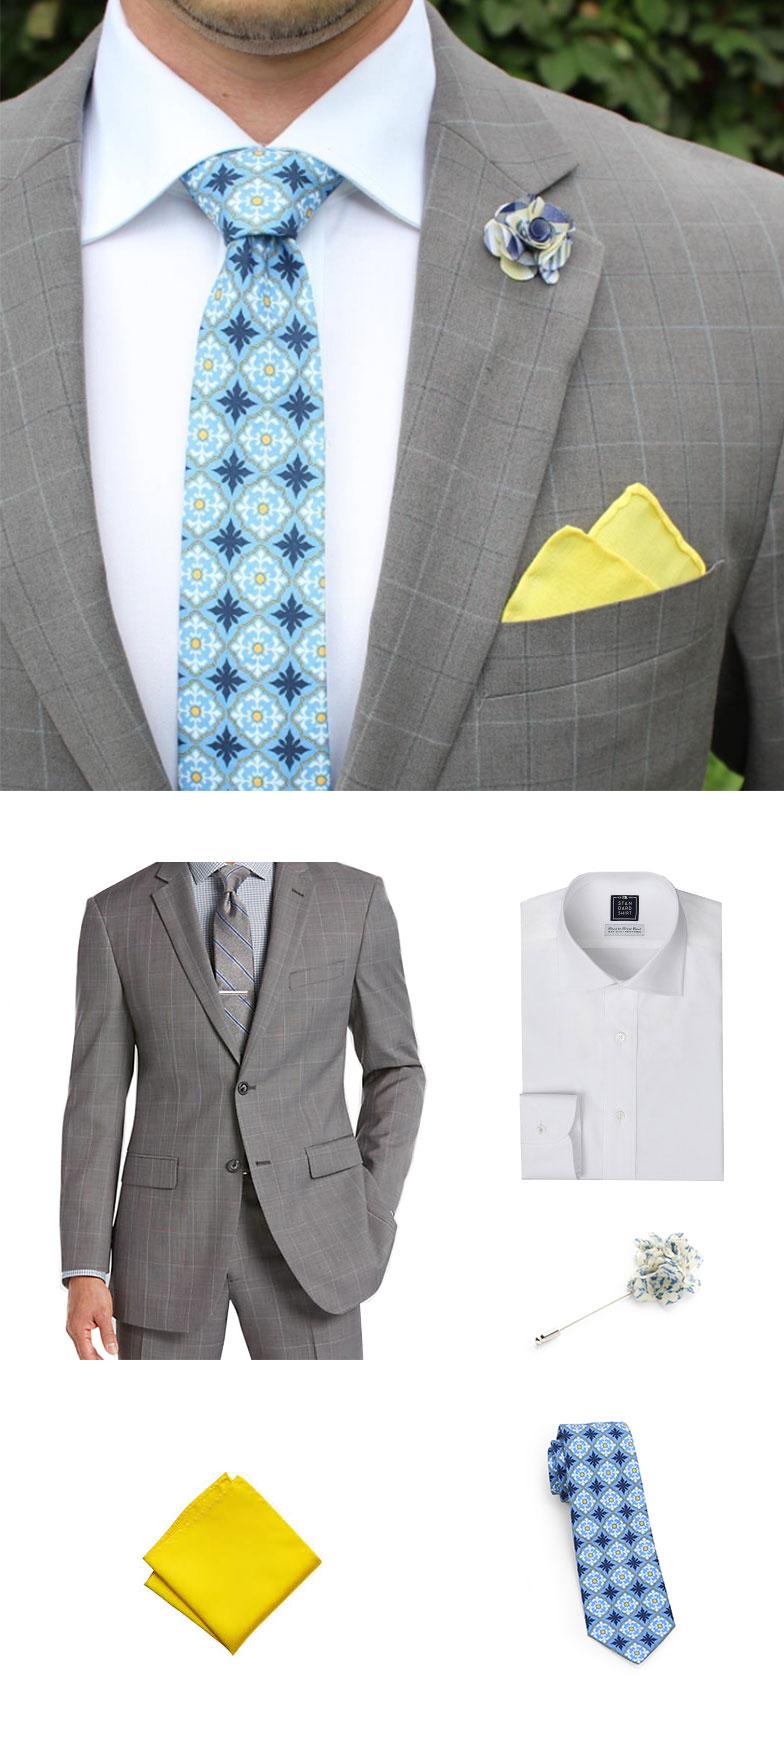 Designer Tile Tie and Pocket Square